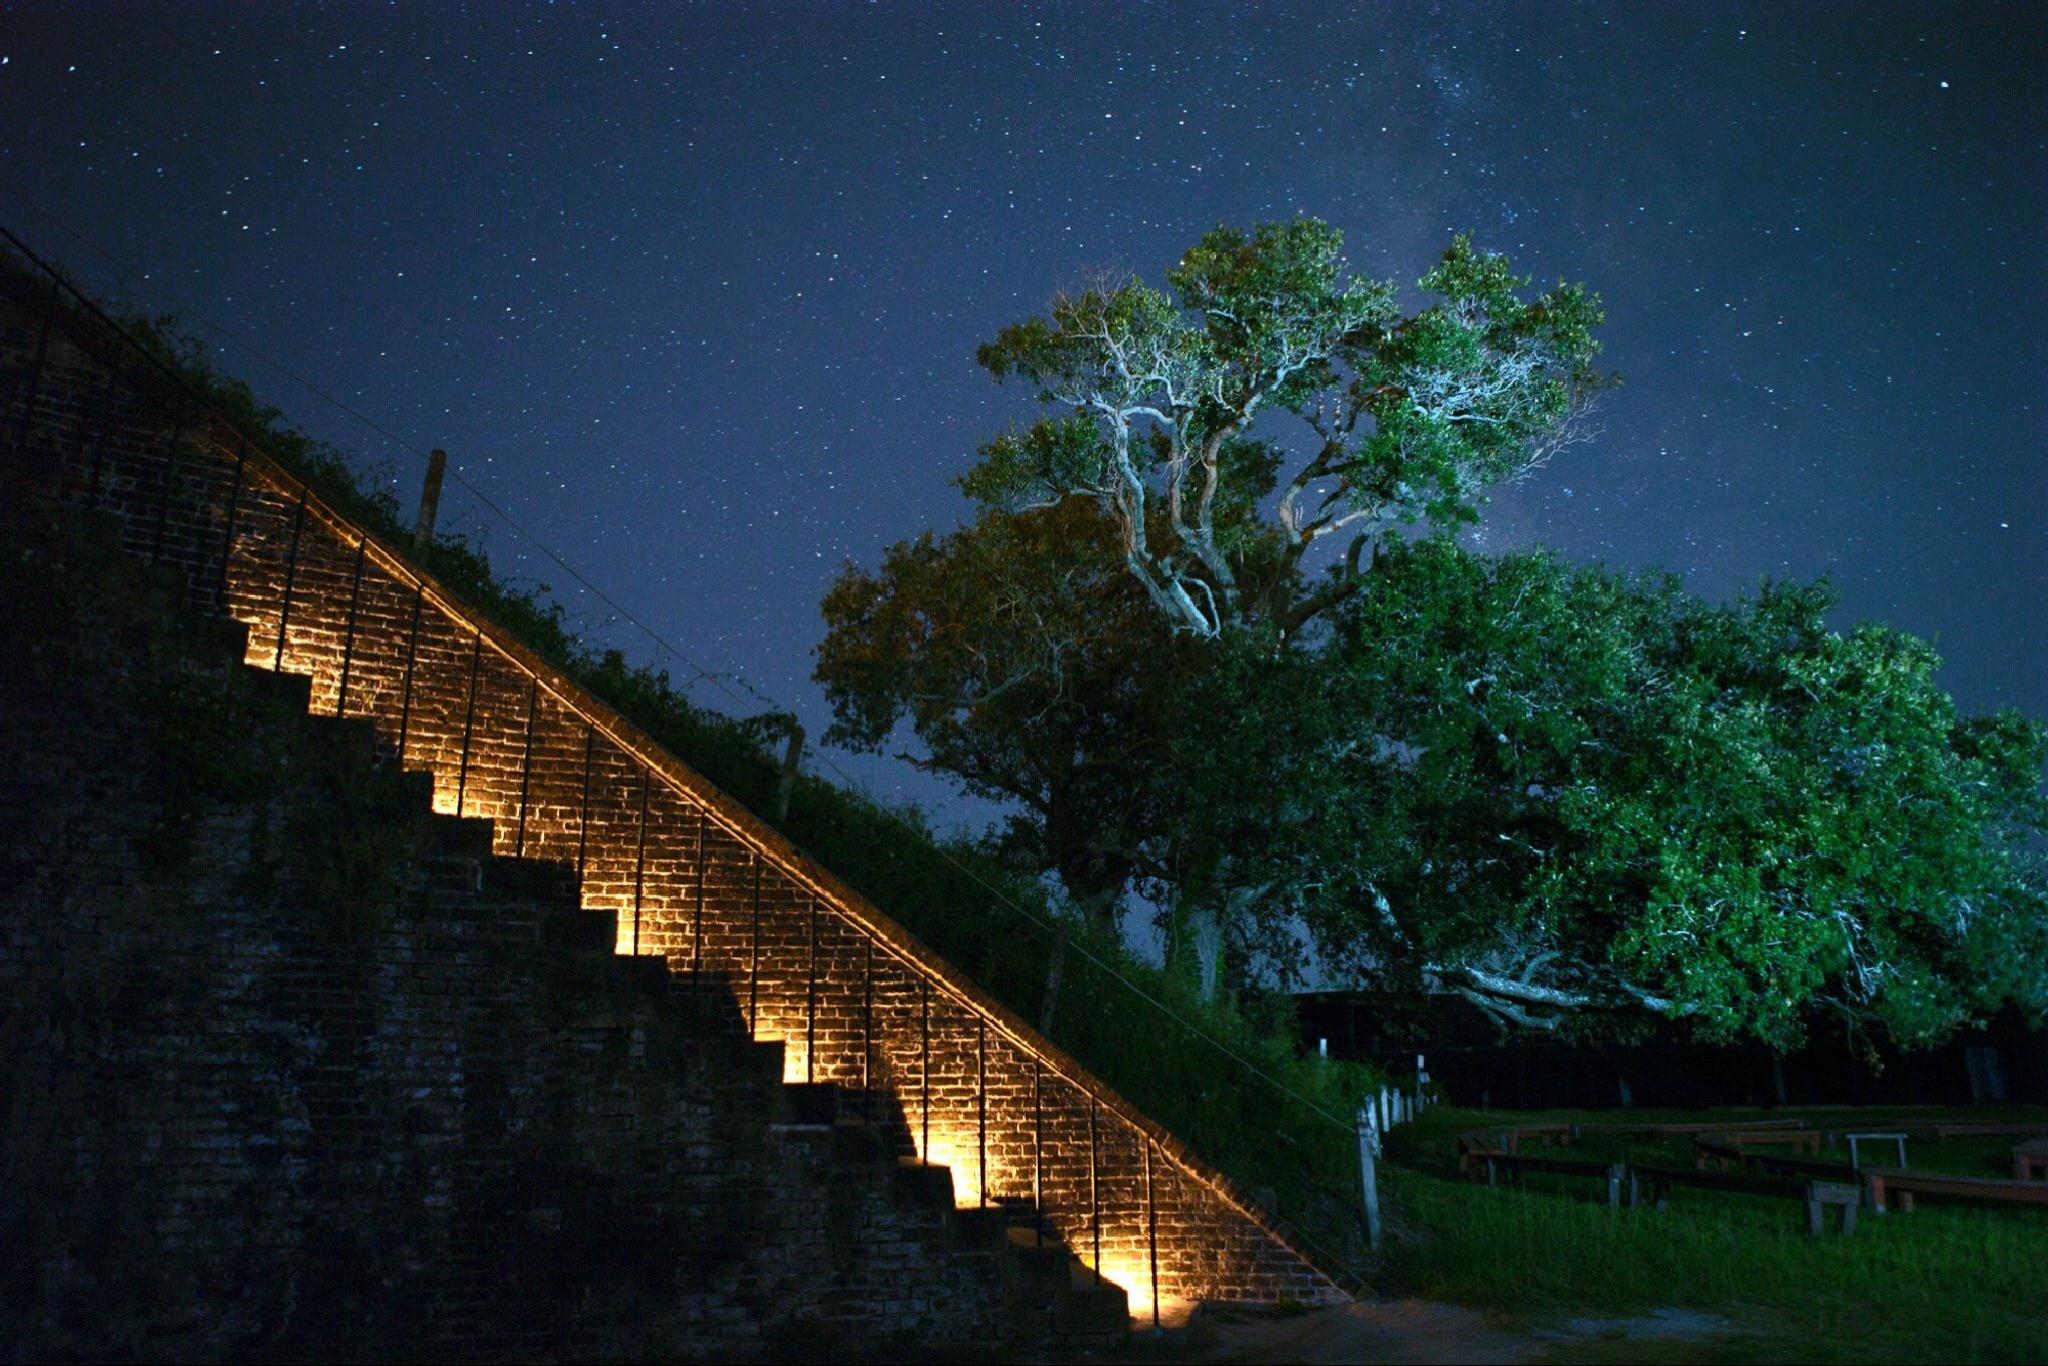 Stairway by Leanne